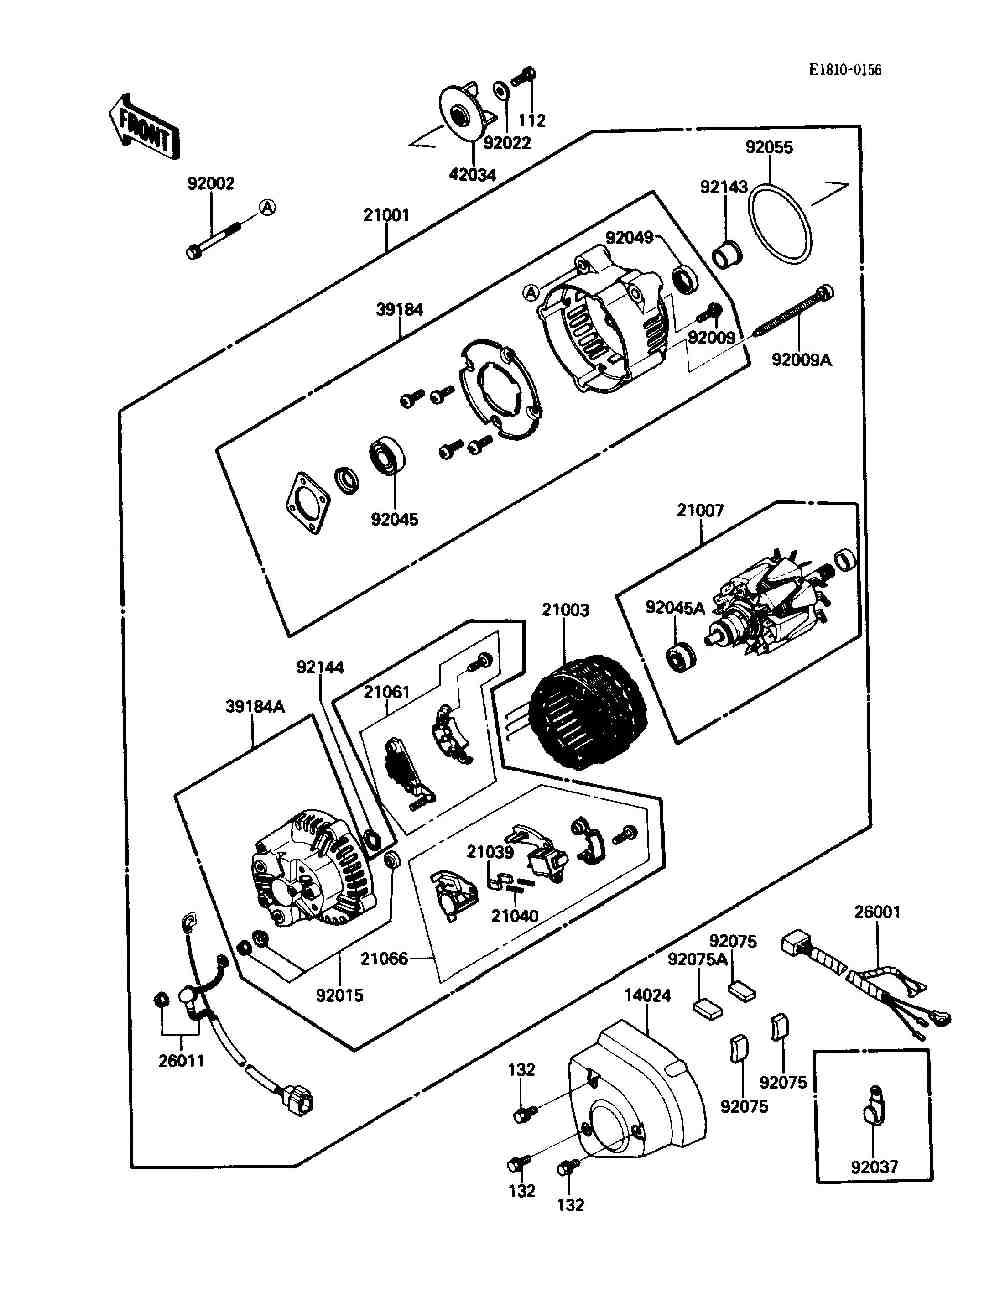 Parts Finder 1989 Kawasaki Motorcycles J Motors Massillon Oh Voyager Xii Wiring Diagram